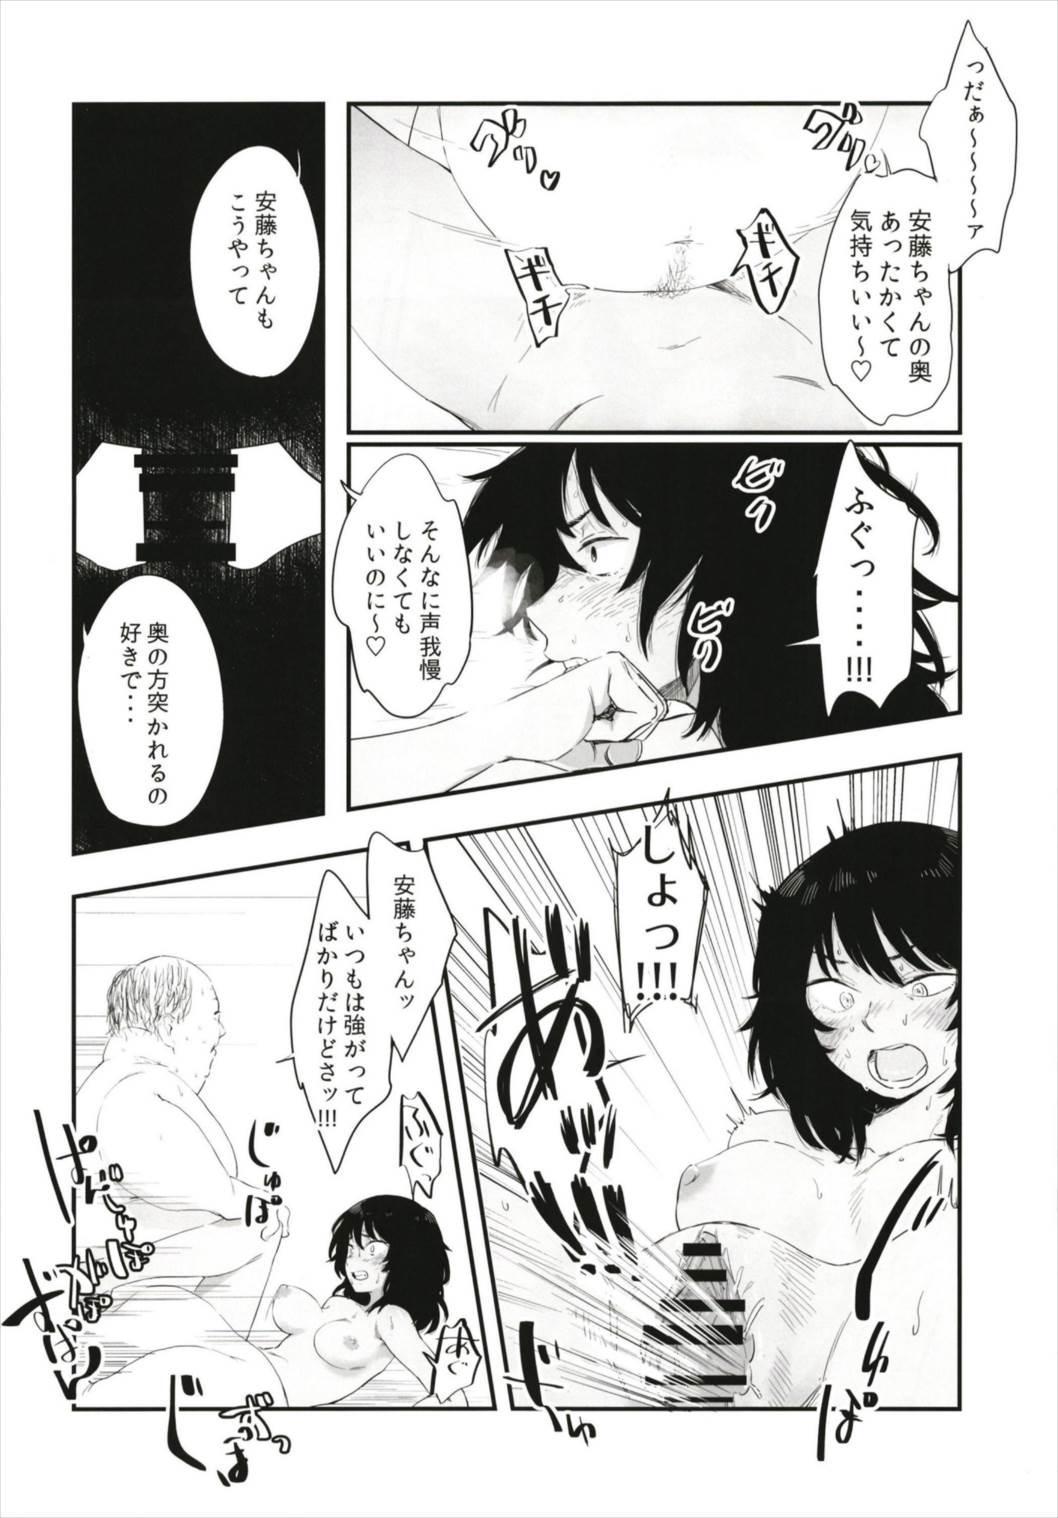 Uto Saori Selection Kono Chara ga Eroi 5